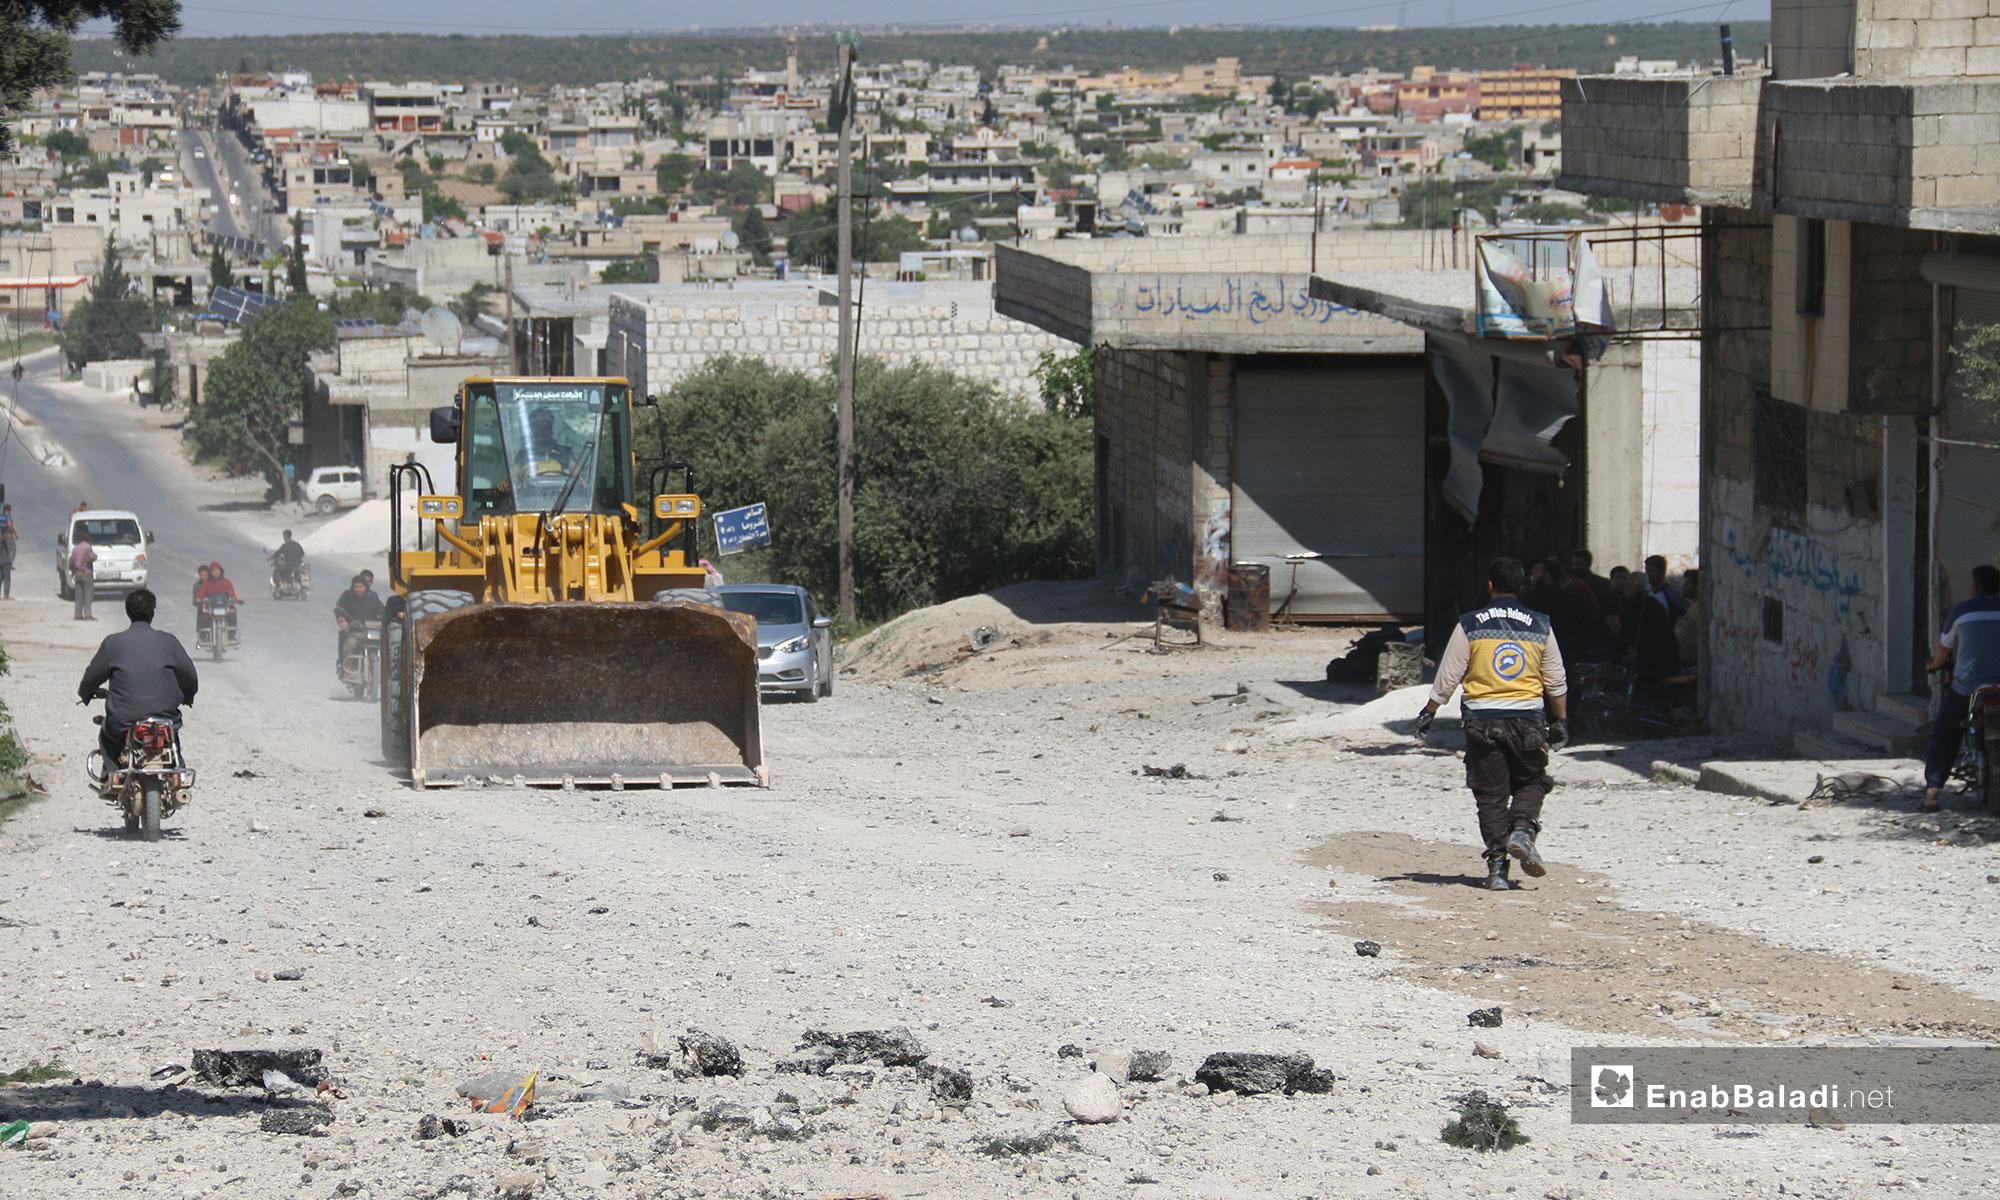 آثار الدمار في مركز الدفاع المدني بمدينة كفرنبل - 13 من أيار 2019 (عنب بلدي)